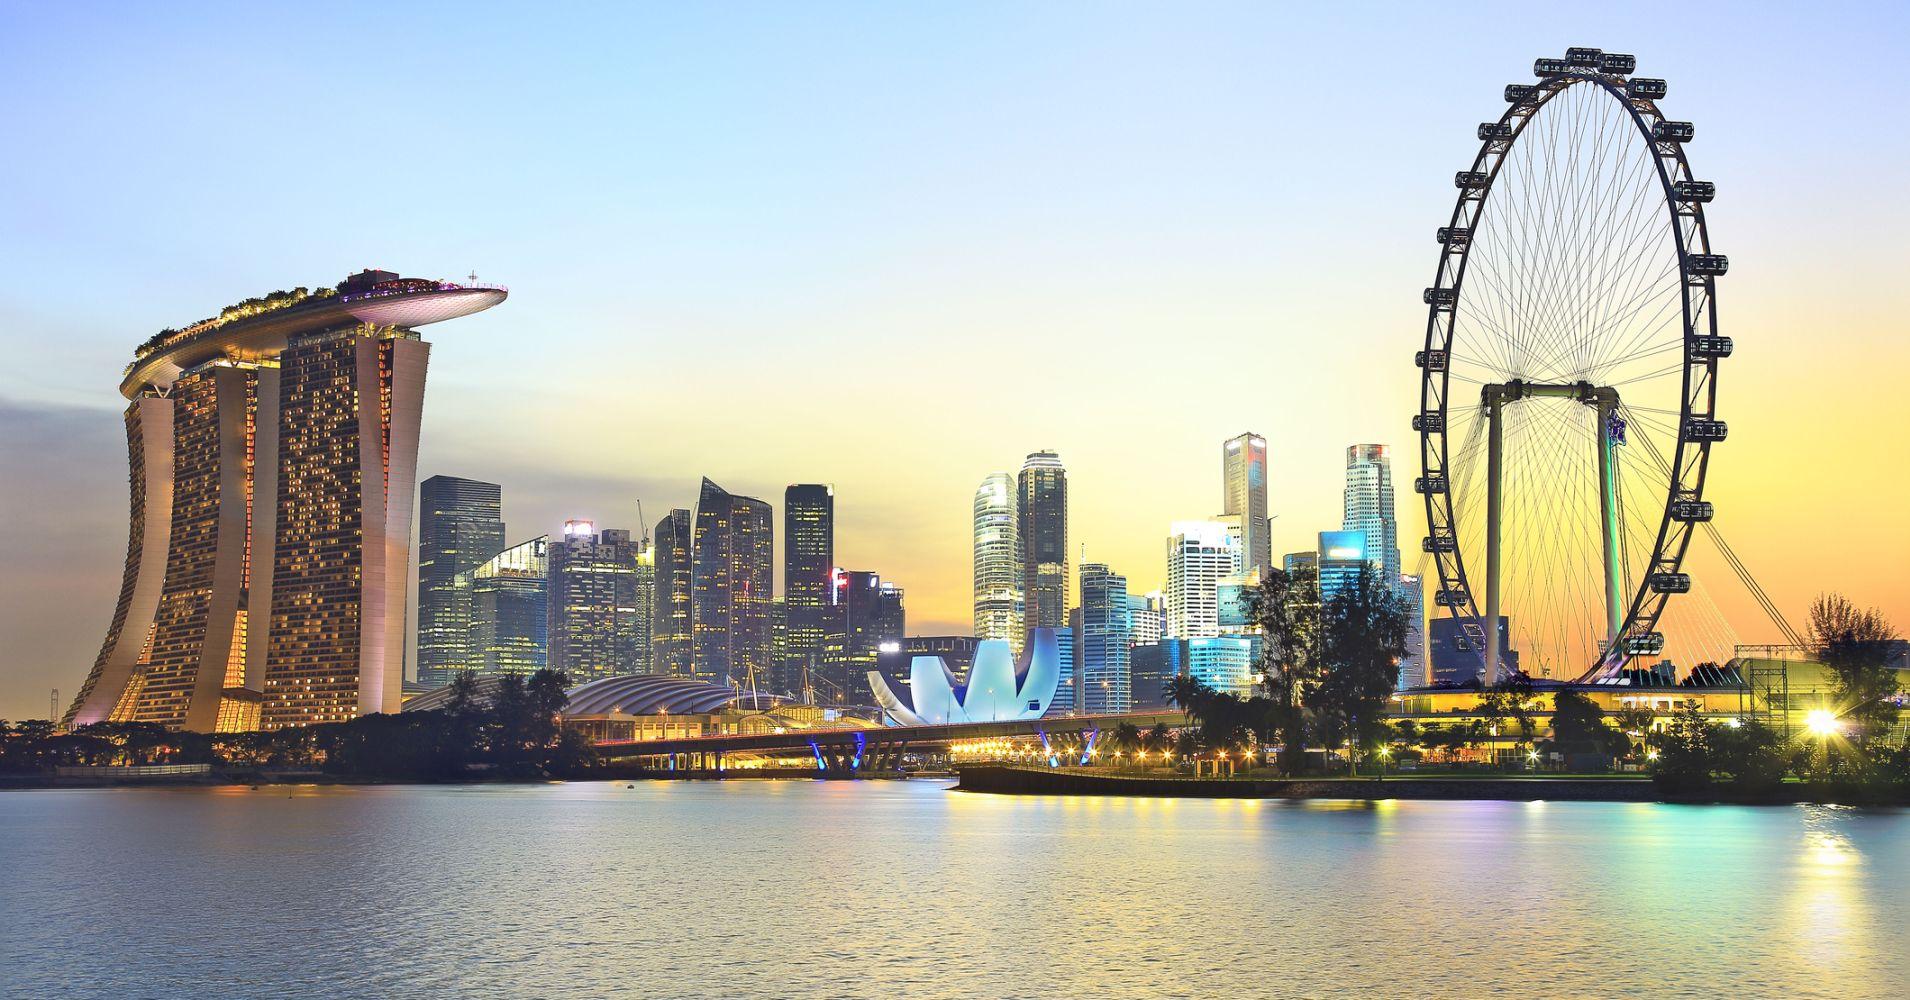 सिंगापूर टुरिझम बोर्डाची ओलाशी भागिदारी, प्रवाशांना मिळणार सिंगापूरला भेट देण्याची संधी